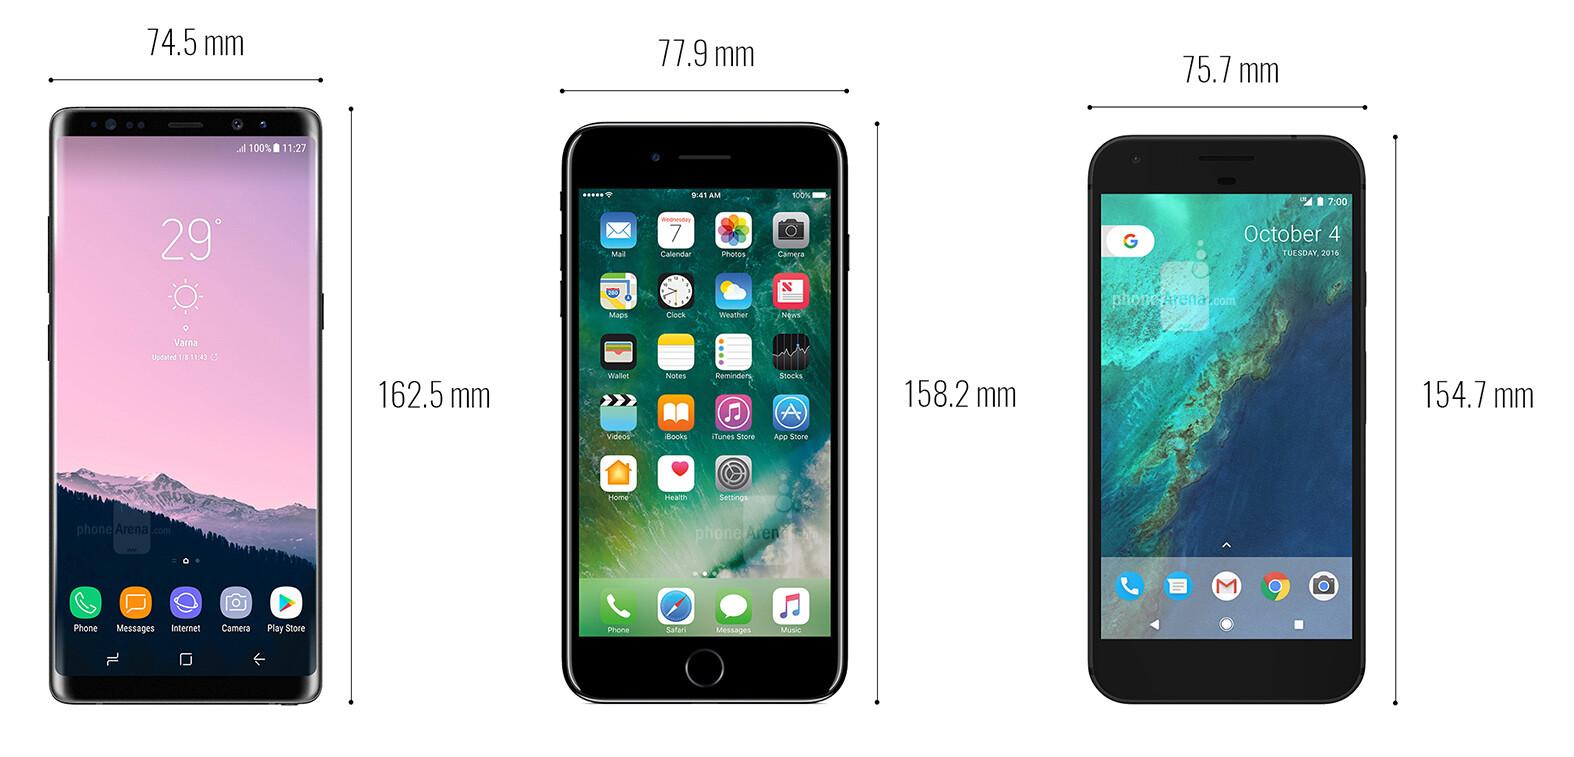 Confronto Apple iPhone 8 Plus vs Sony Xperia Z1 - PhonesData